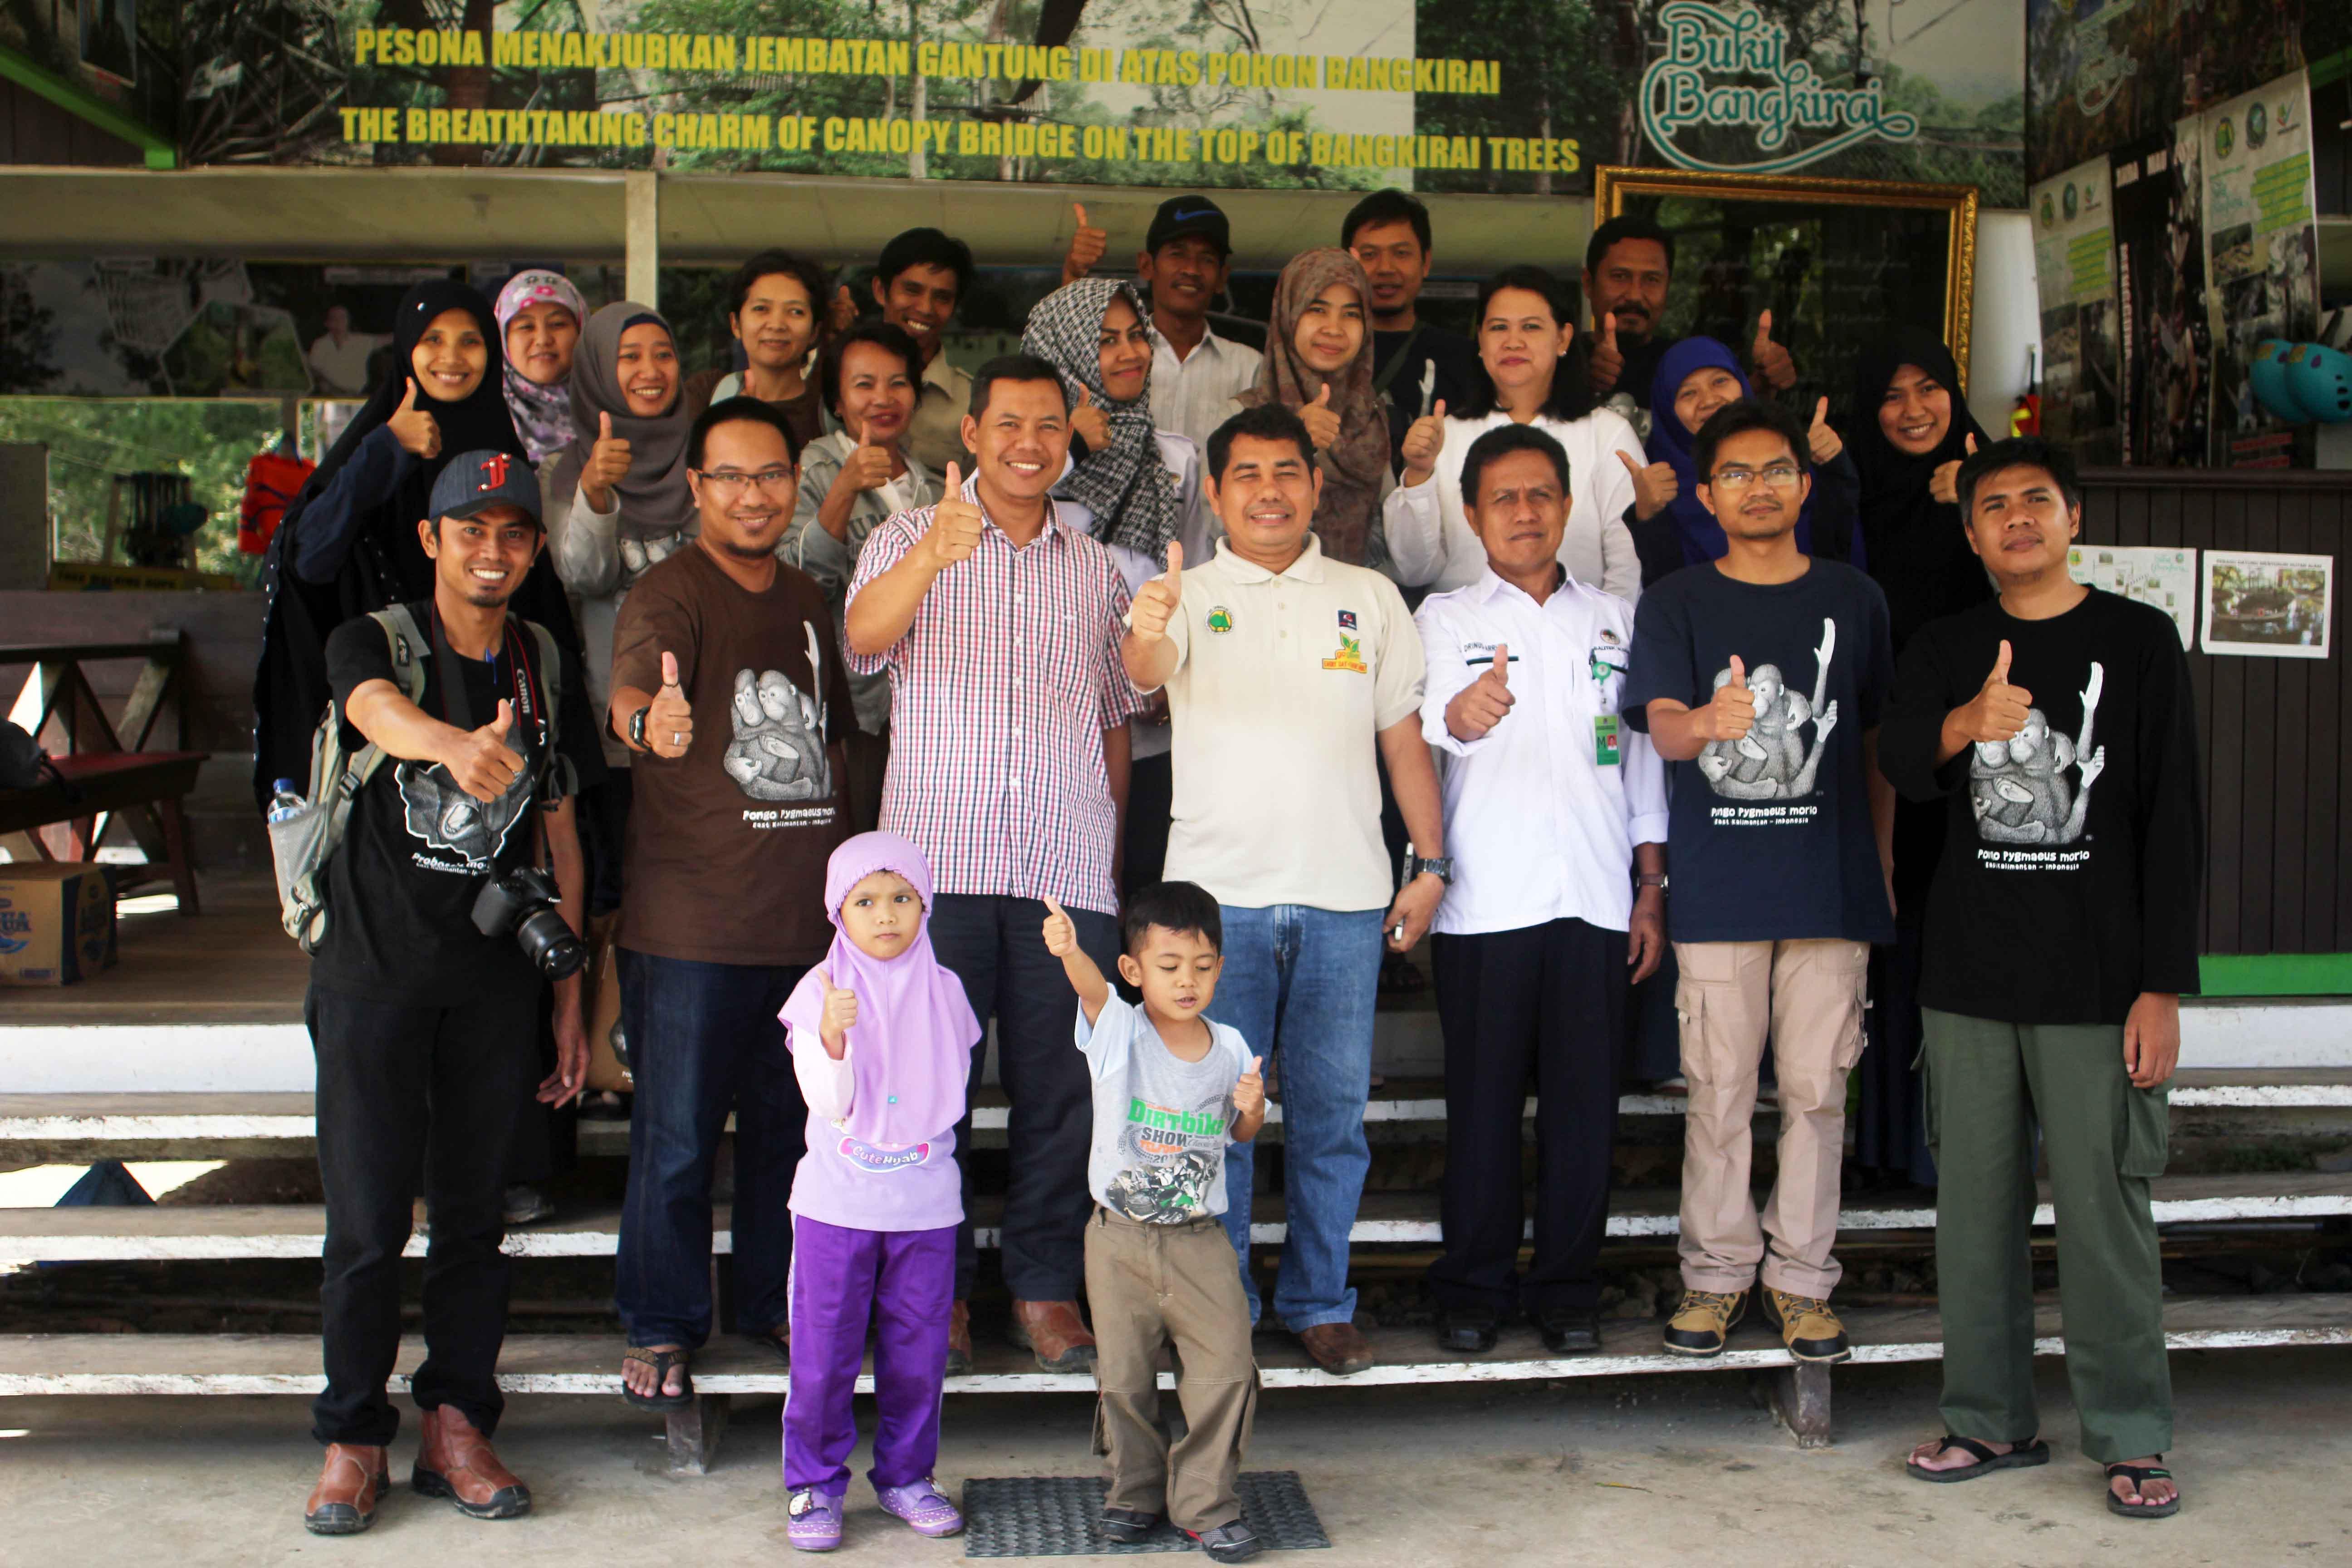 Hunting Foto dan Berita di Bukit Bangkirai